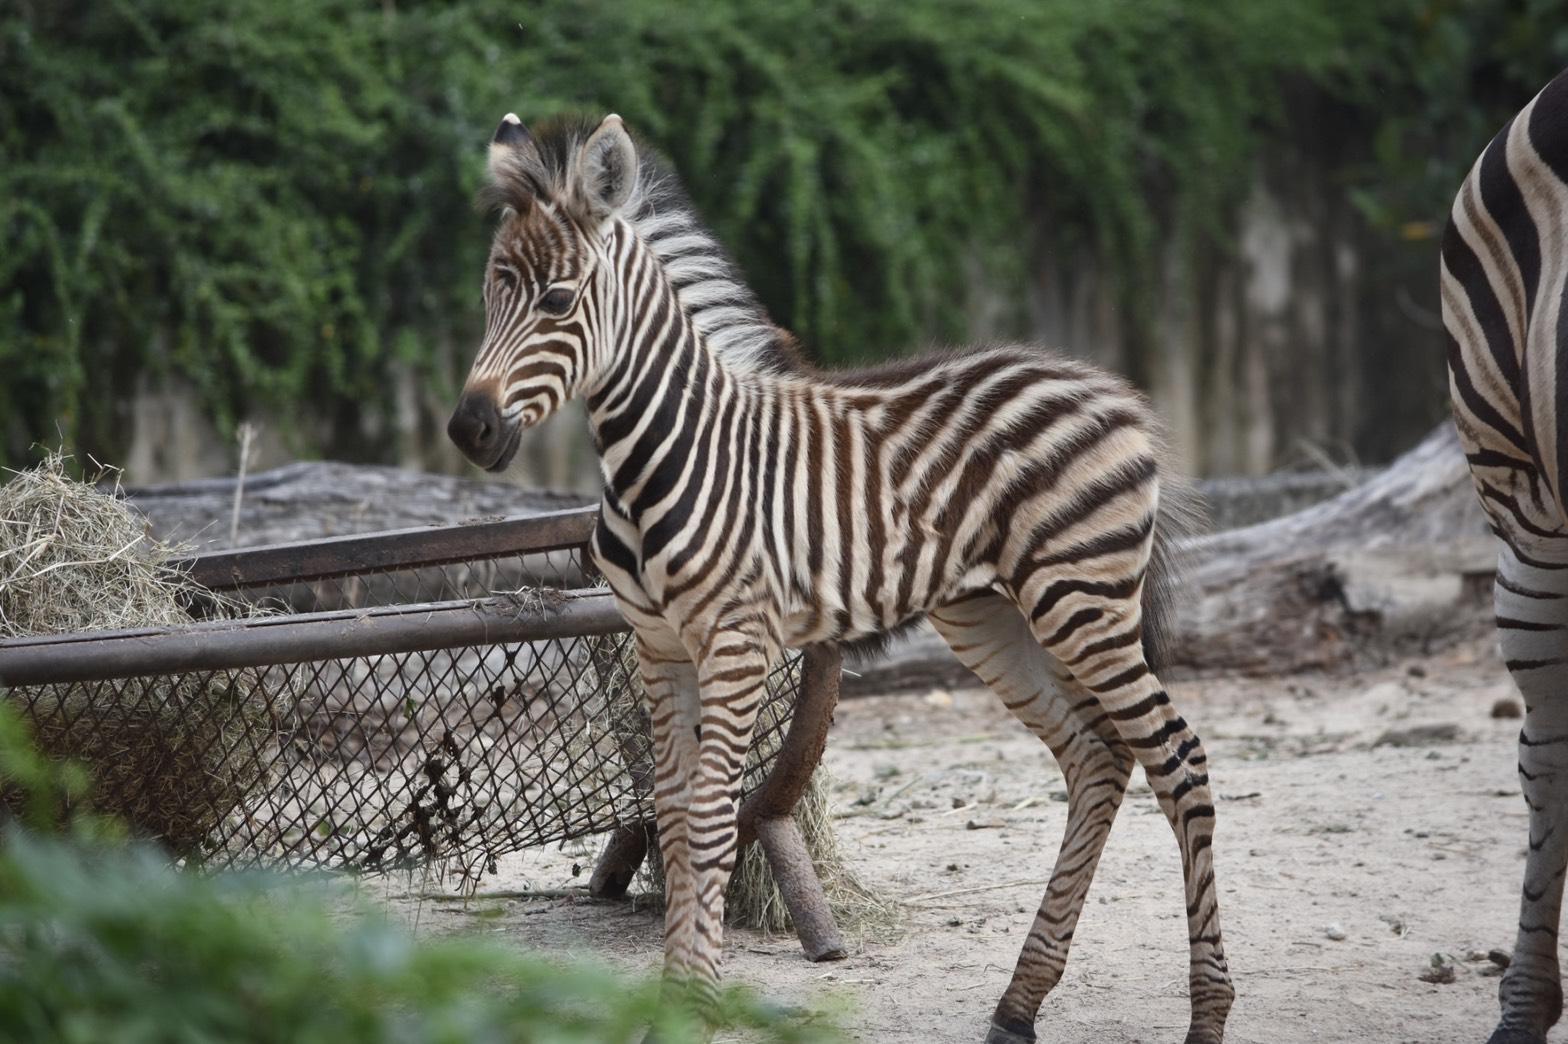 """สวนสัตว์เขาเขียว  อวดโฉมสมาชิกใหม่ """"ลูกม้าลายเบอร์เชล"""""""